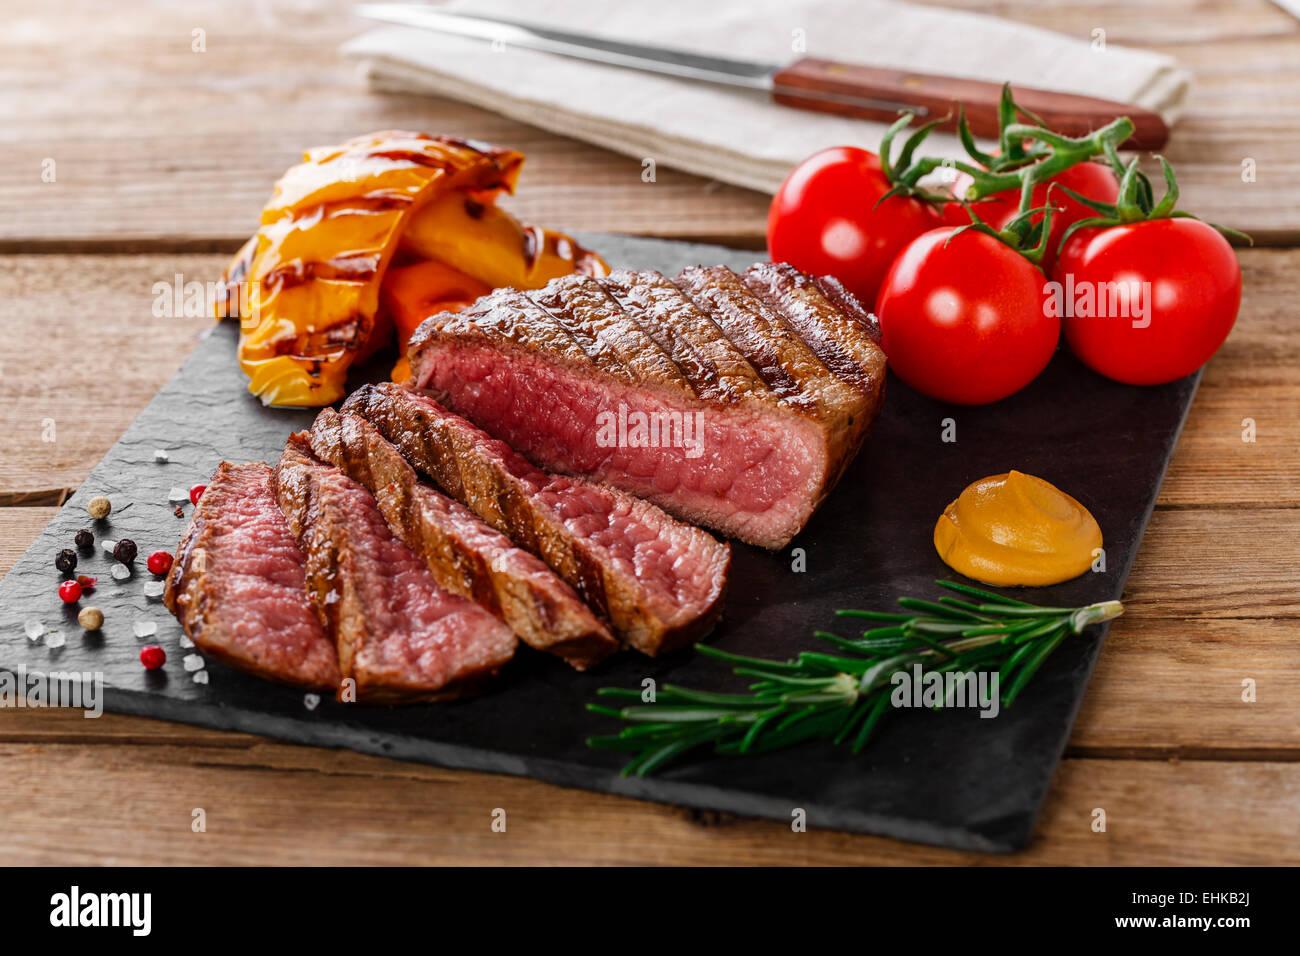 Gegrilltes Rindersteak selten mit Gemüse in Scheiben geschnitten Stockbild